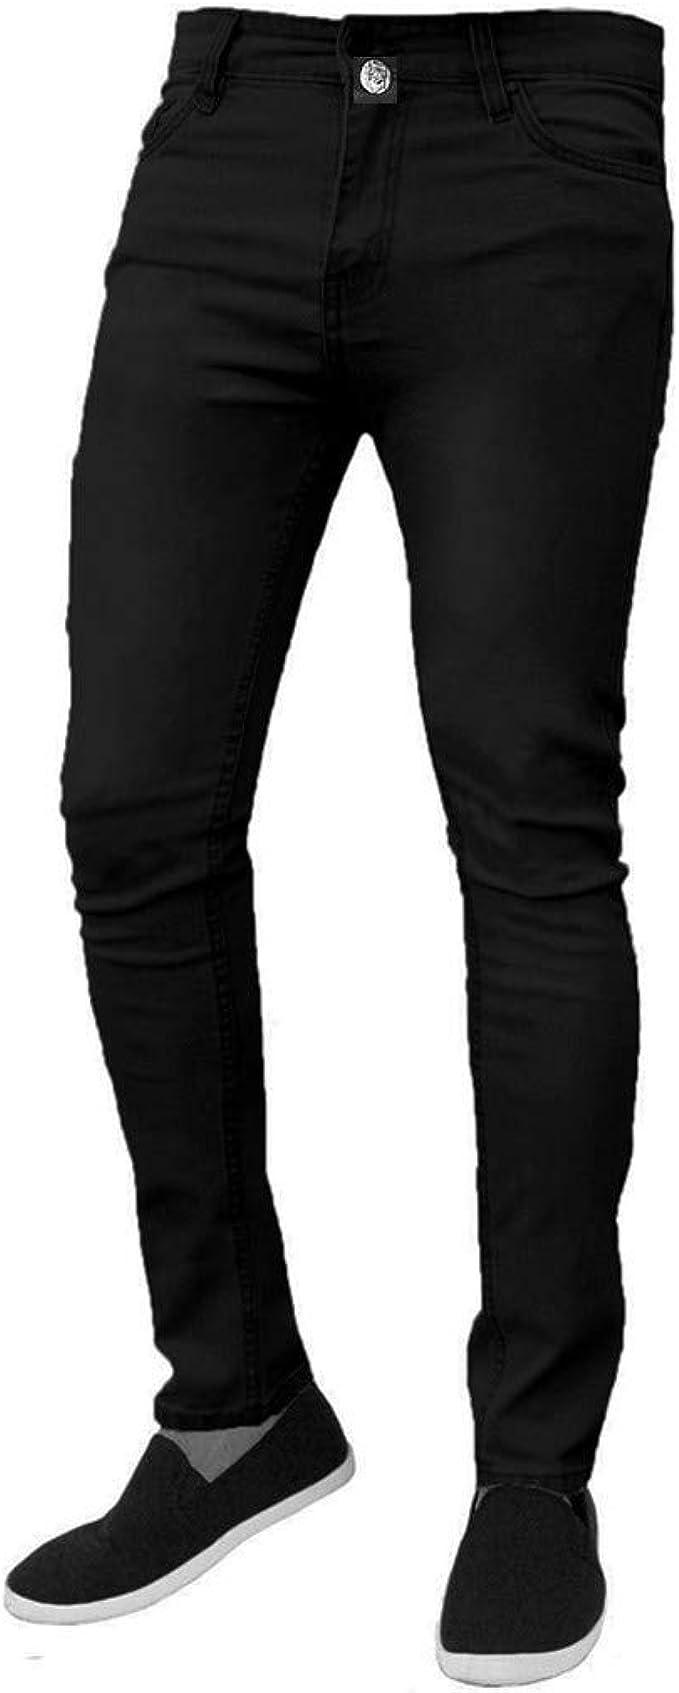 LEE BOYS X-TREME COMFORT STRAIGHT FIT LEG ATHLETIC JEANS Color Size 10 Khaki